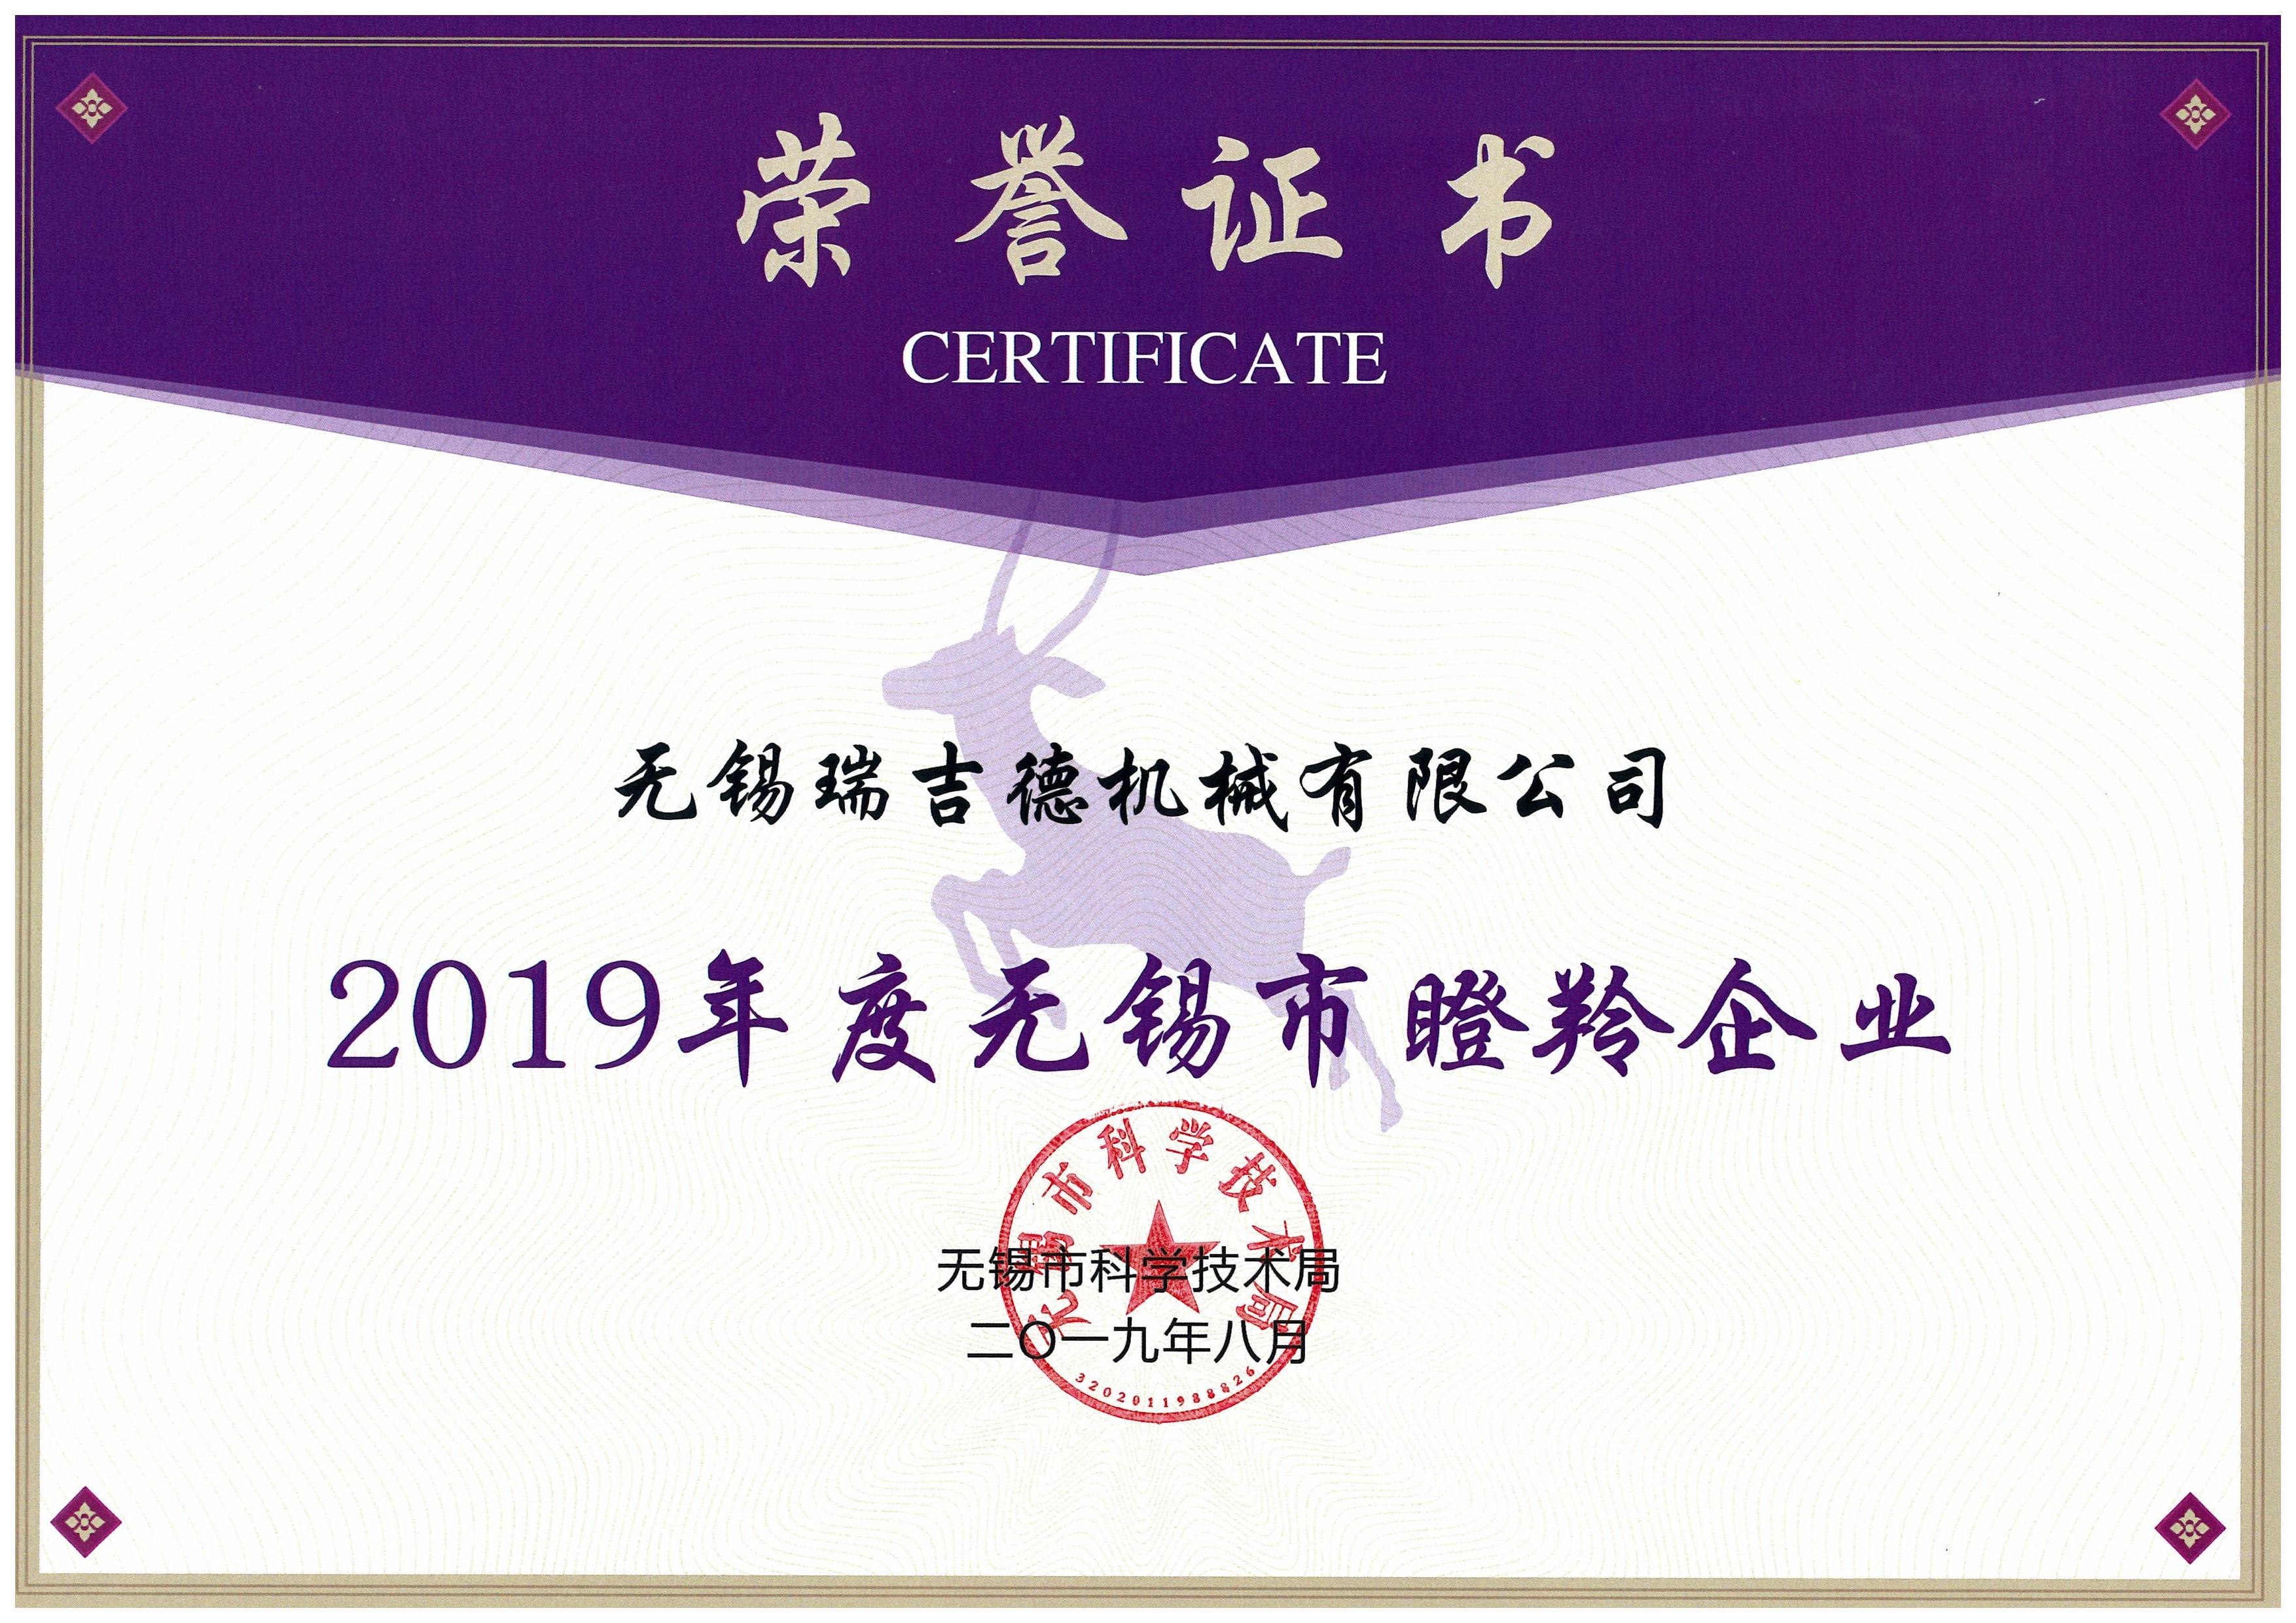 2、瞪羚企业-证书